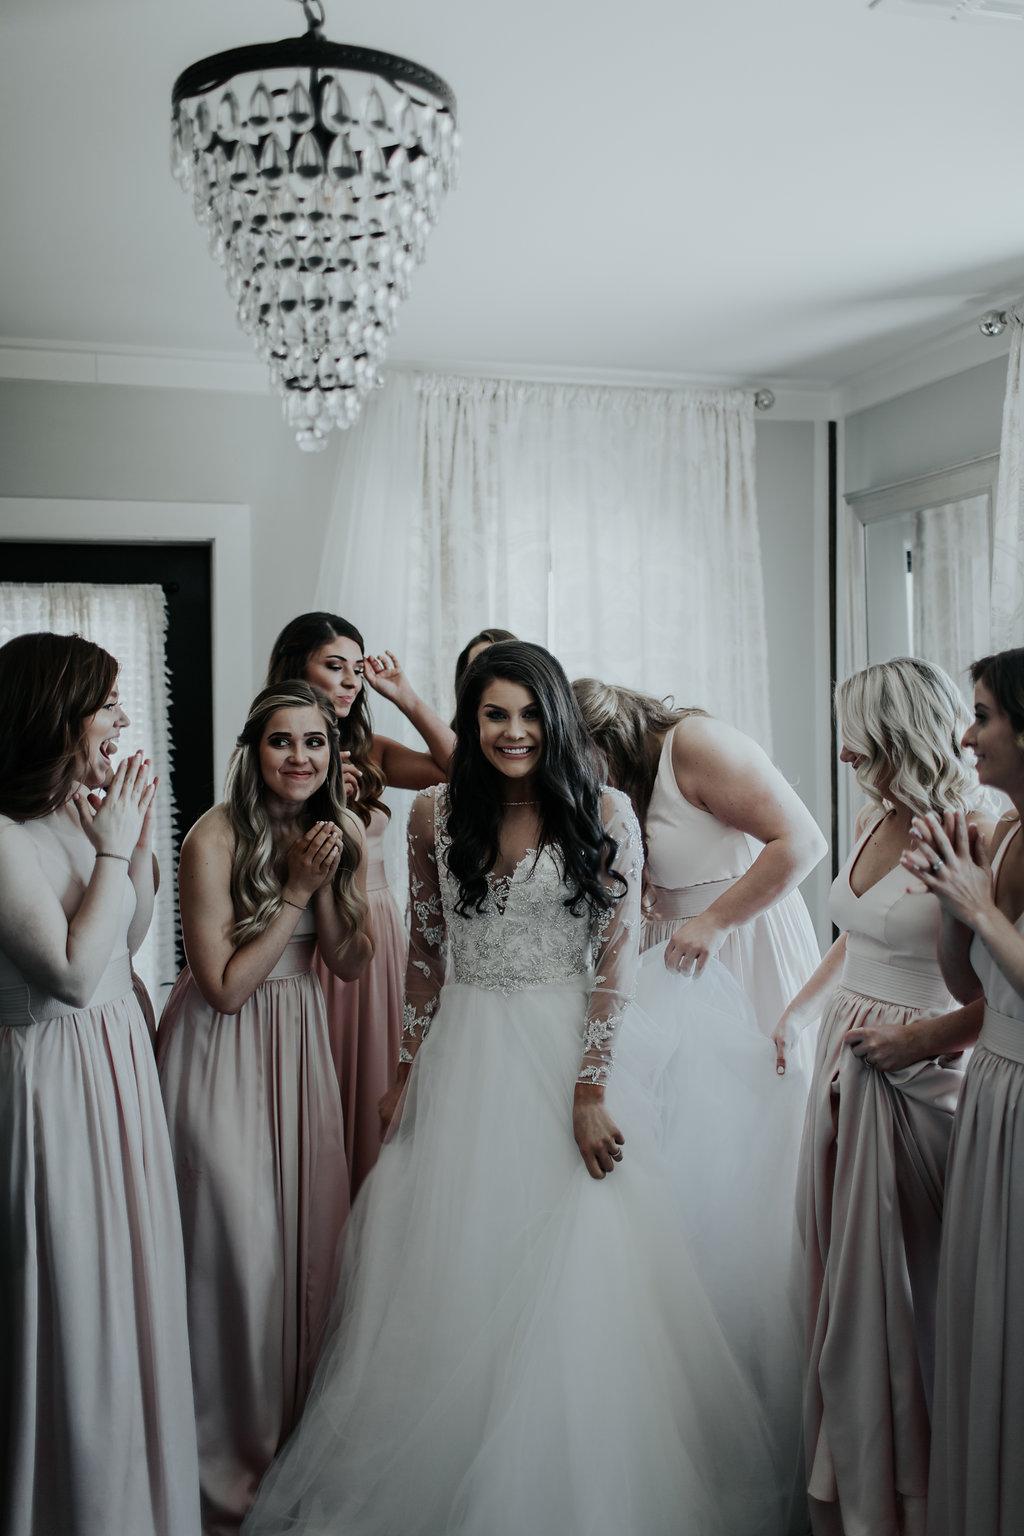 Tulsa Wedding Venue brides room with bridesmaids 1.jpg